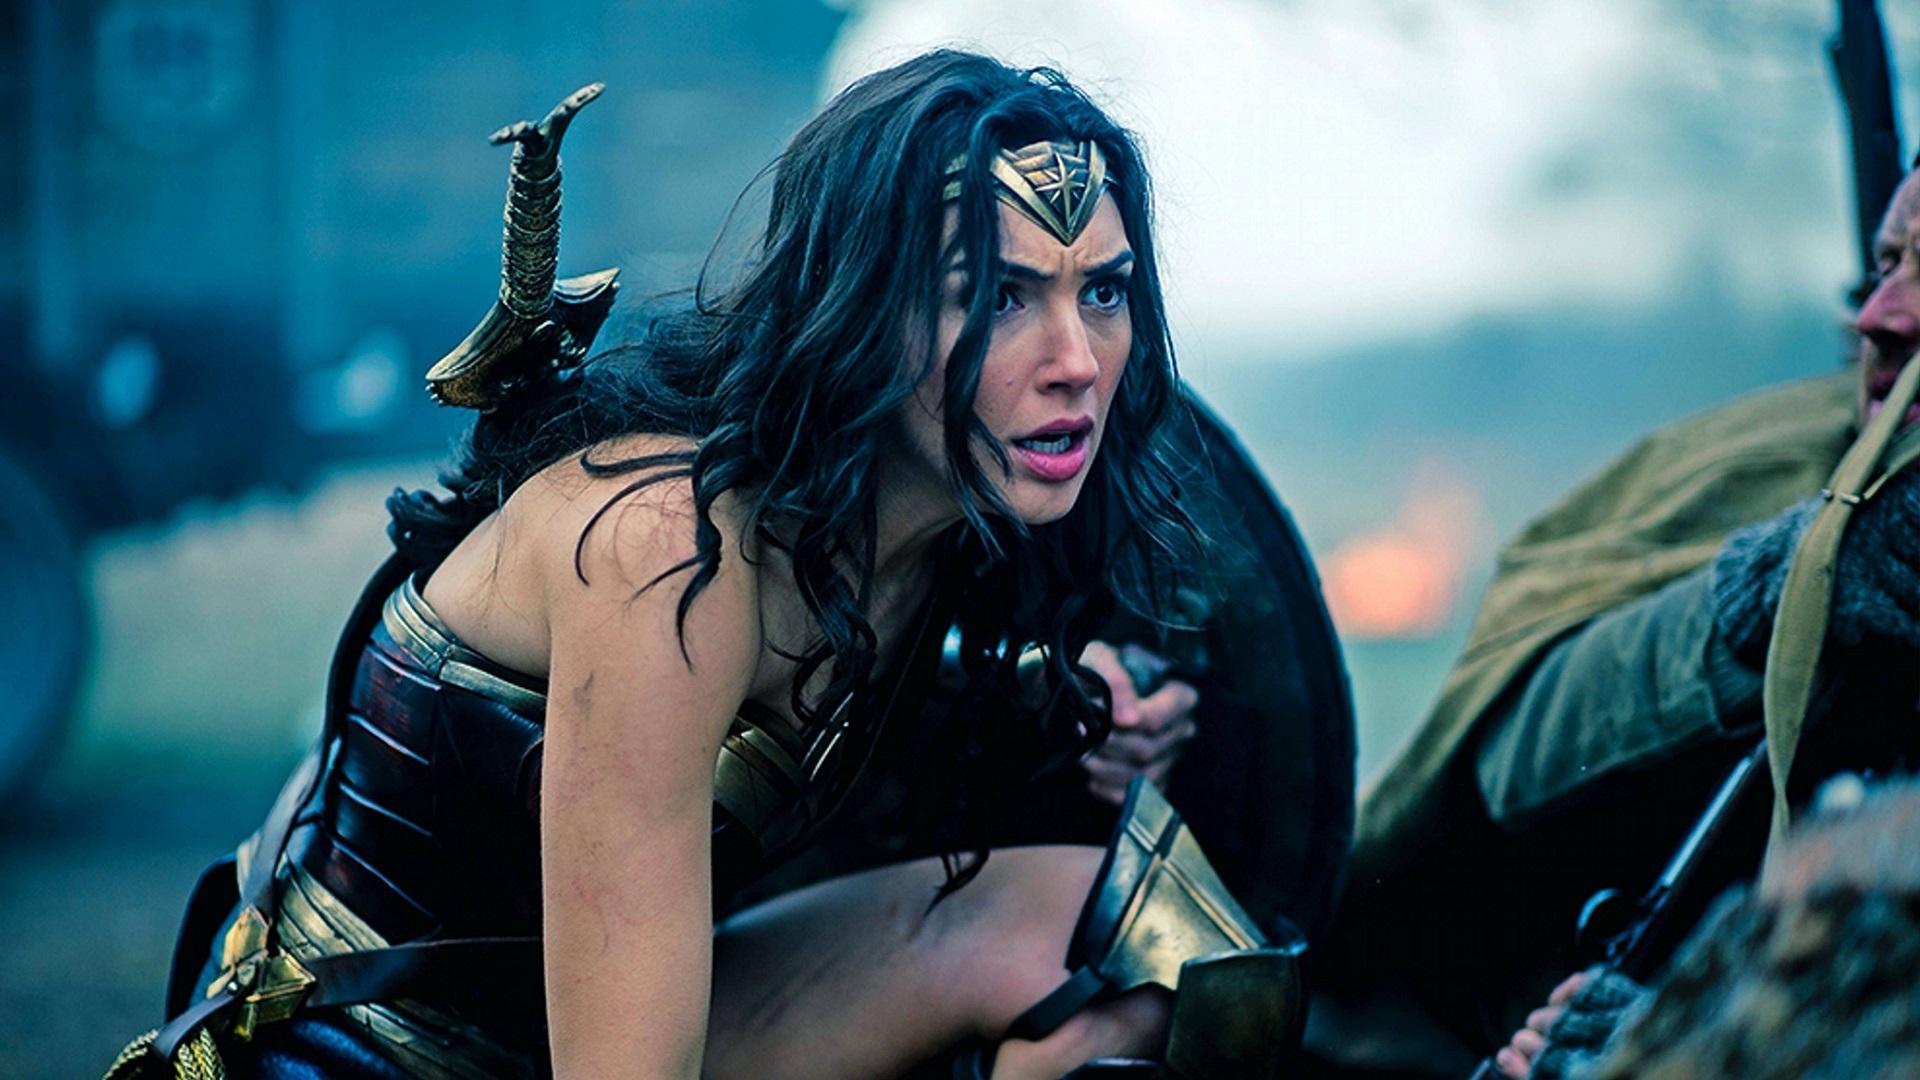 Wonder Woman wolpeyper